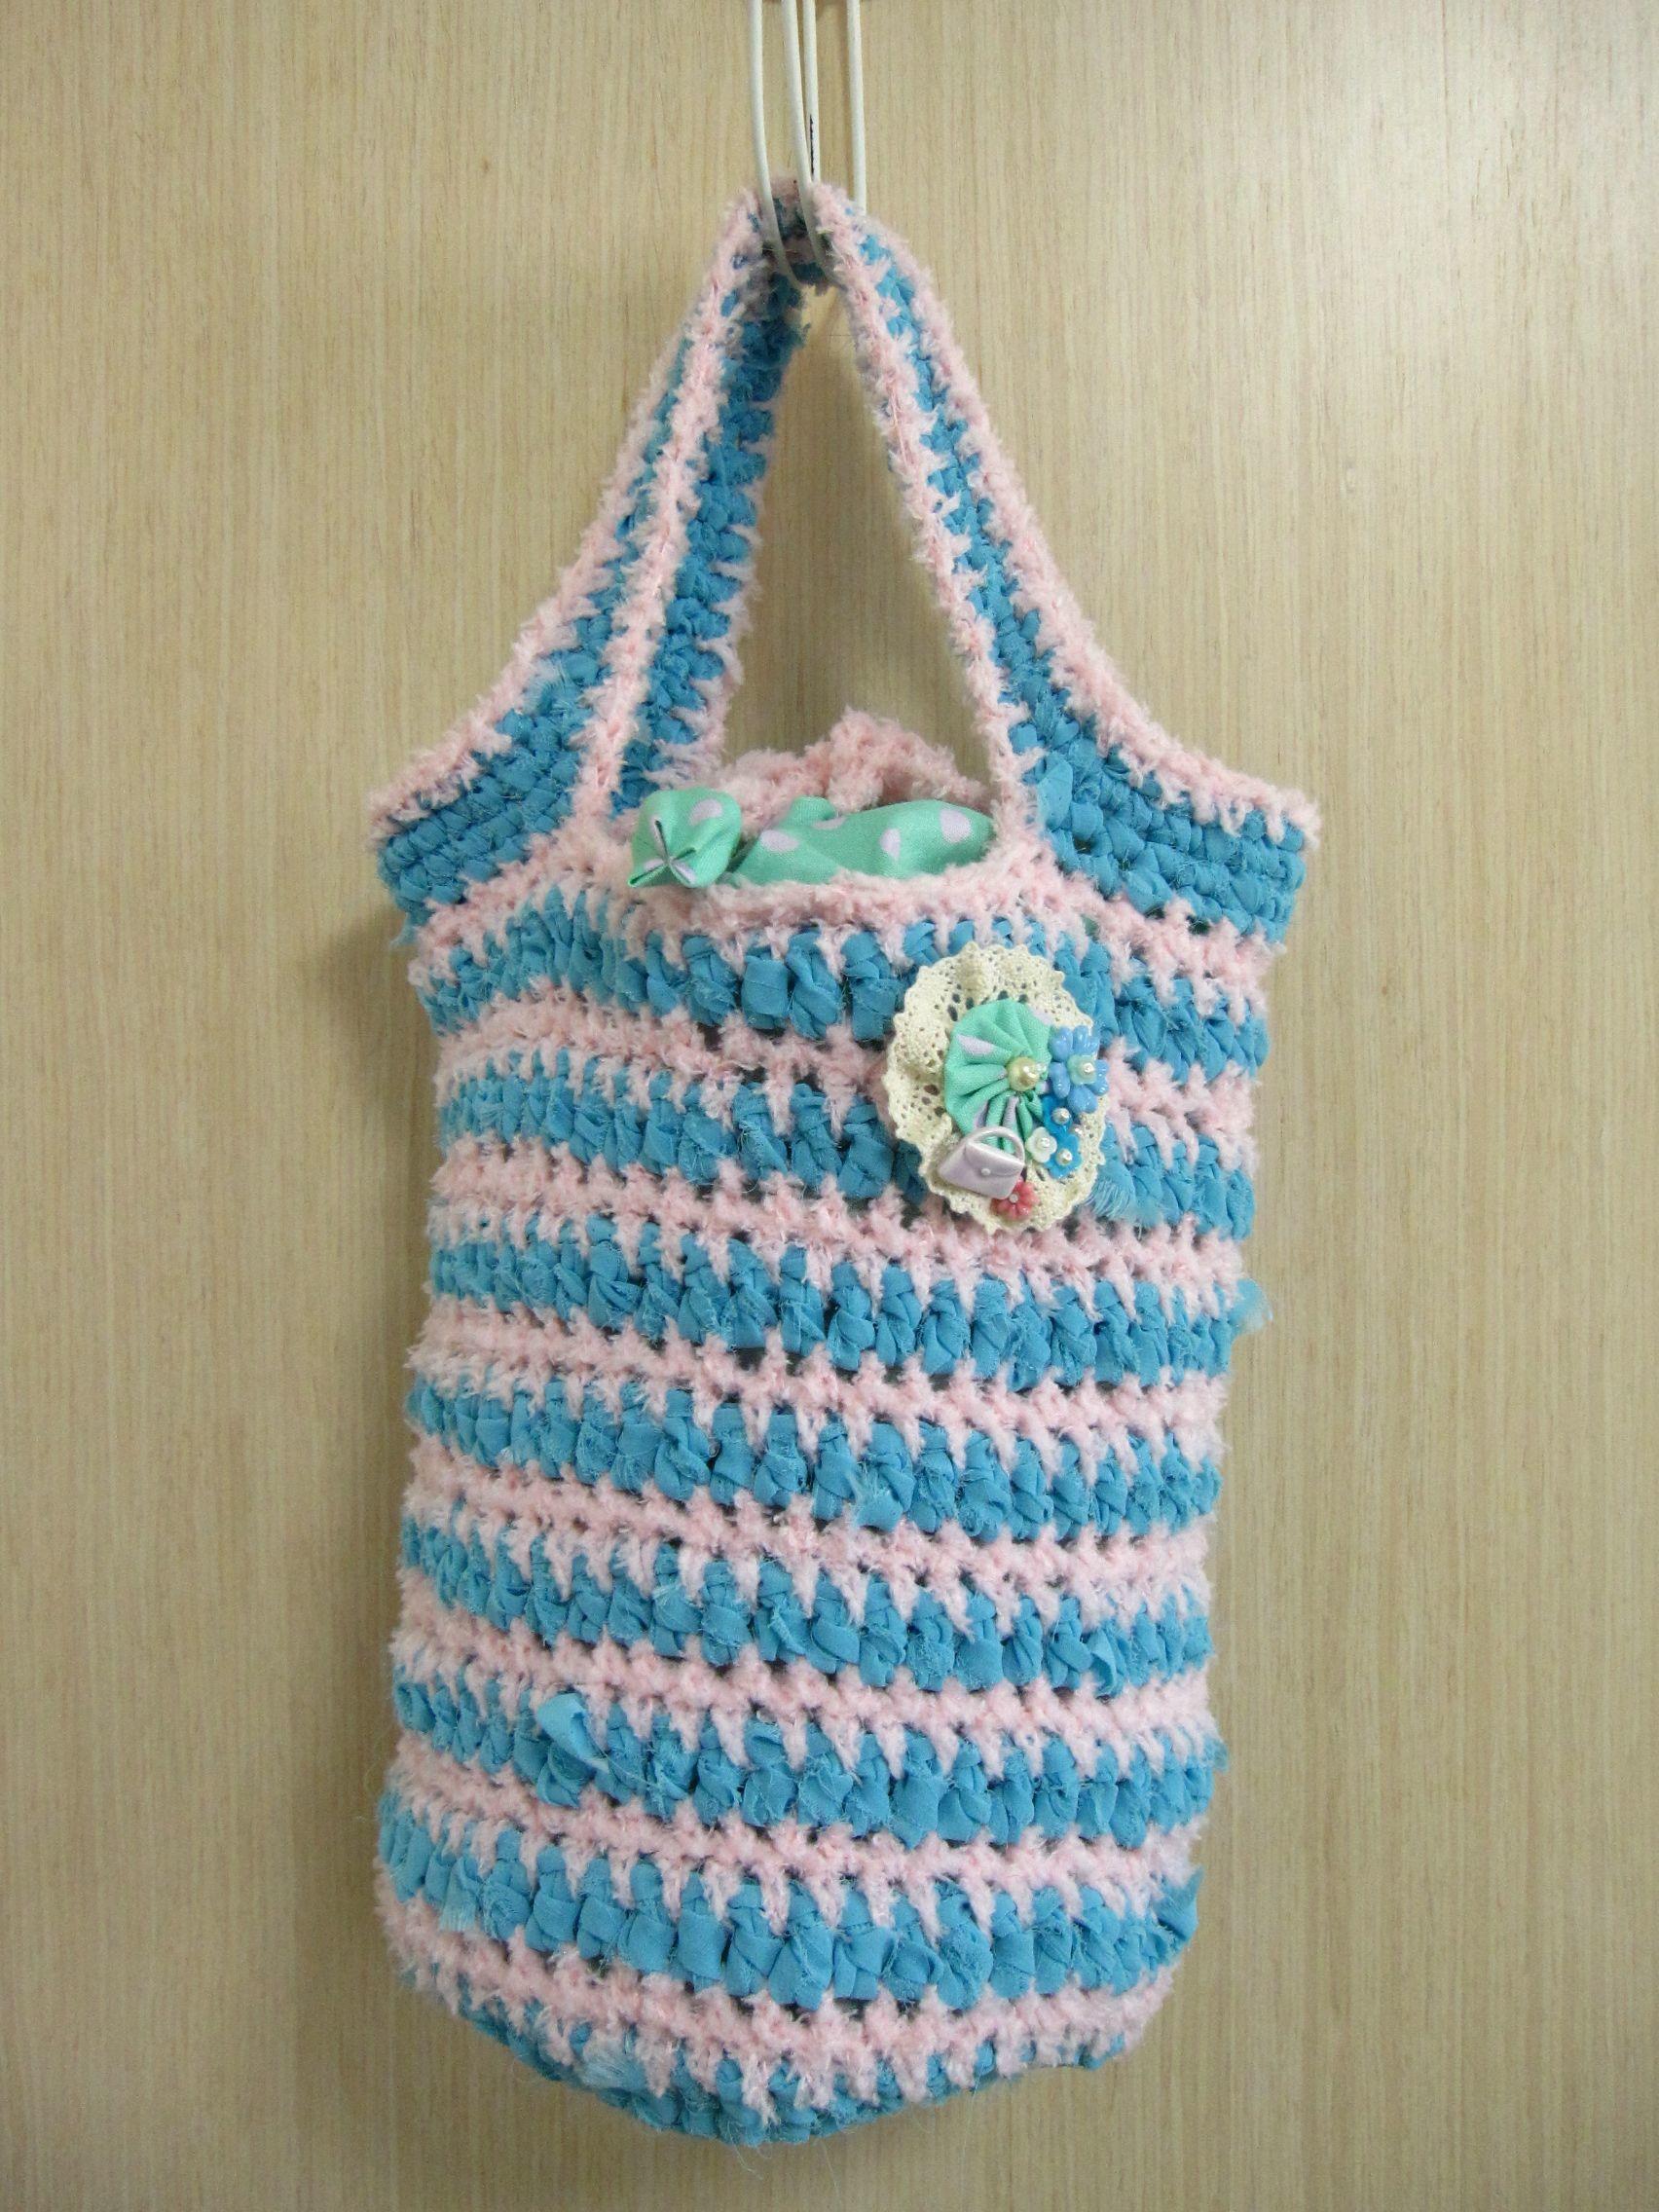 裂き生地と綿毛糸のニットバッグ(ピンク×水色)